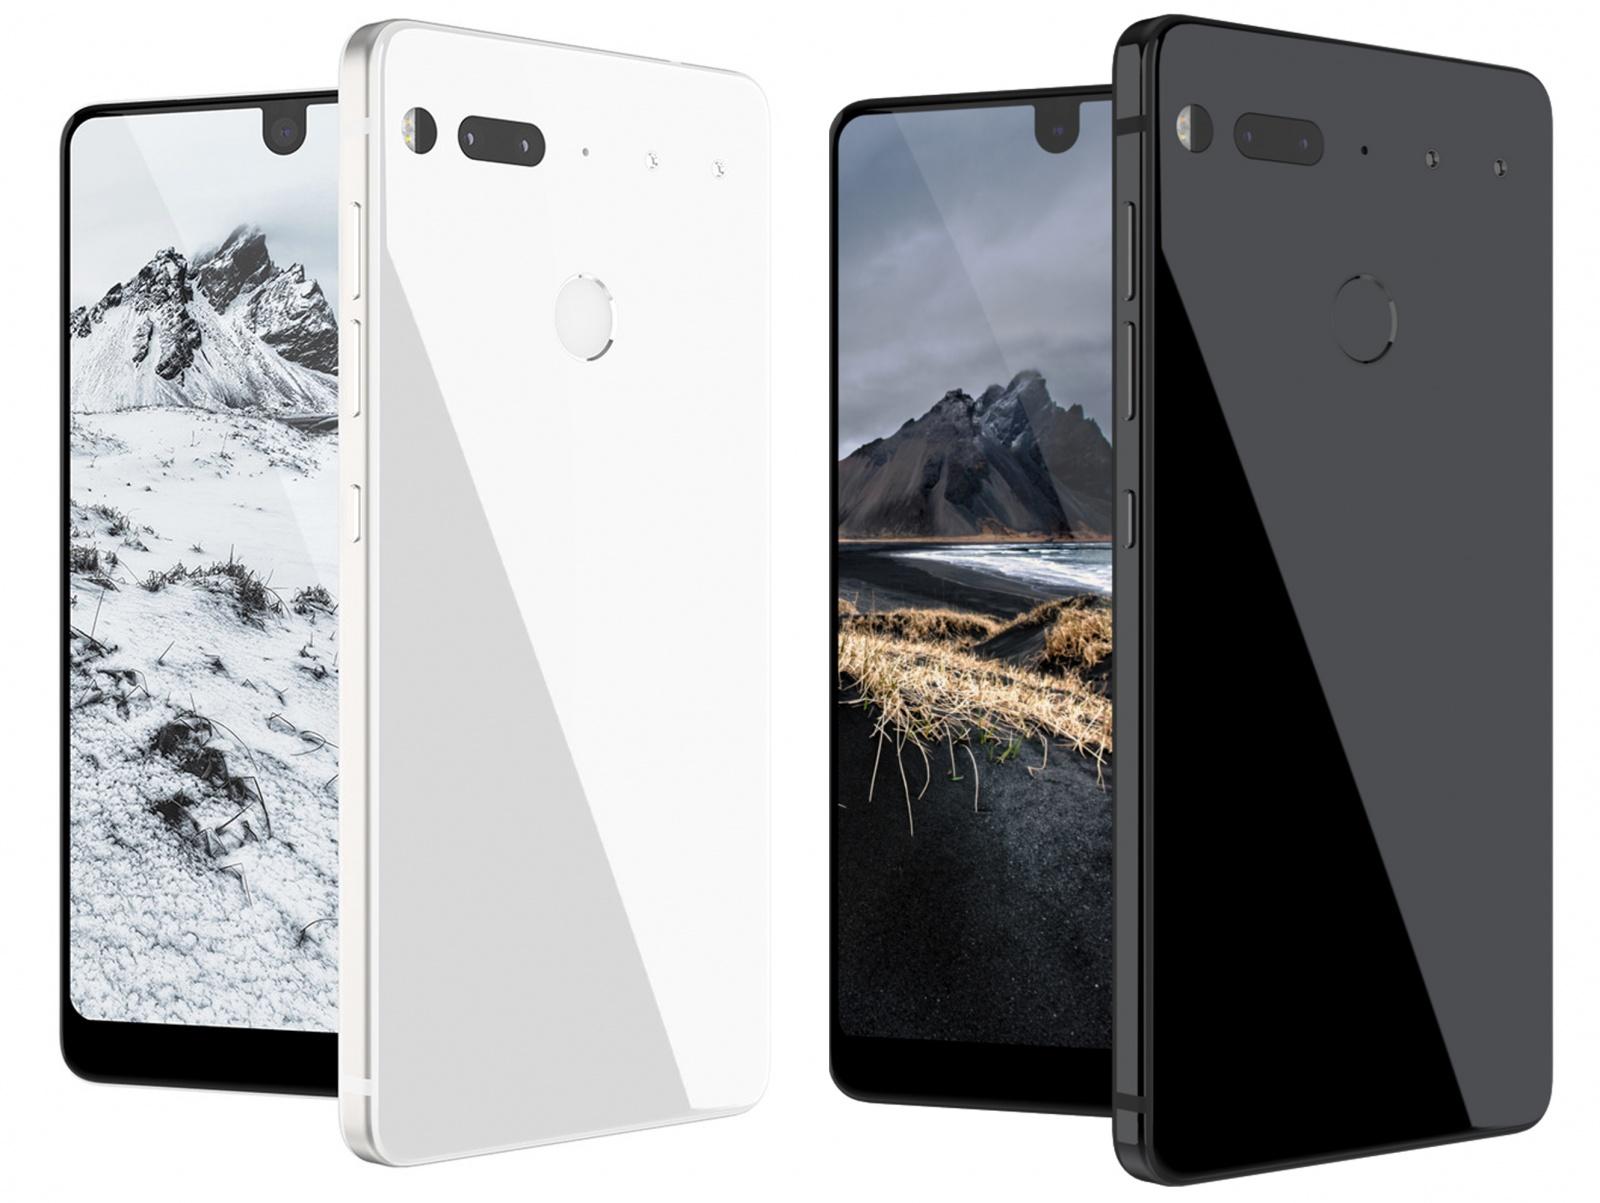 Телефон от создателя Android получил 1 балл из 10 по шкале ремонтопригодности iFixit - 1